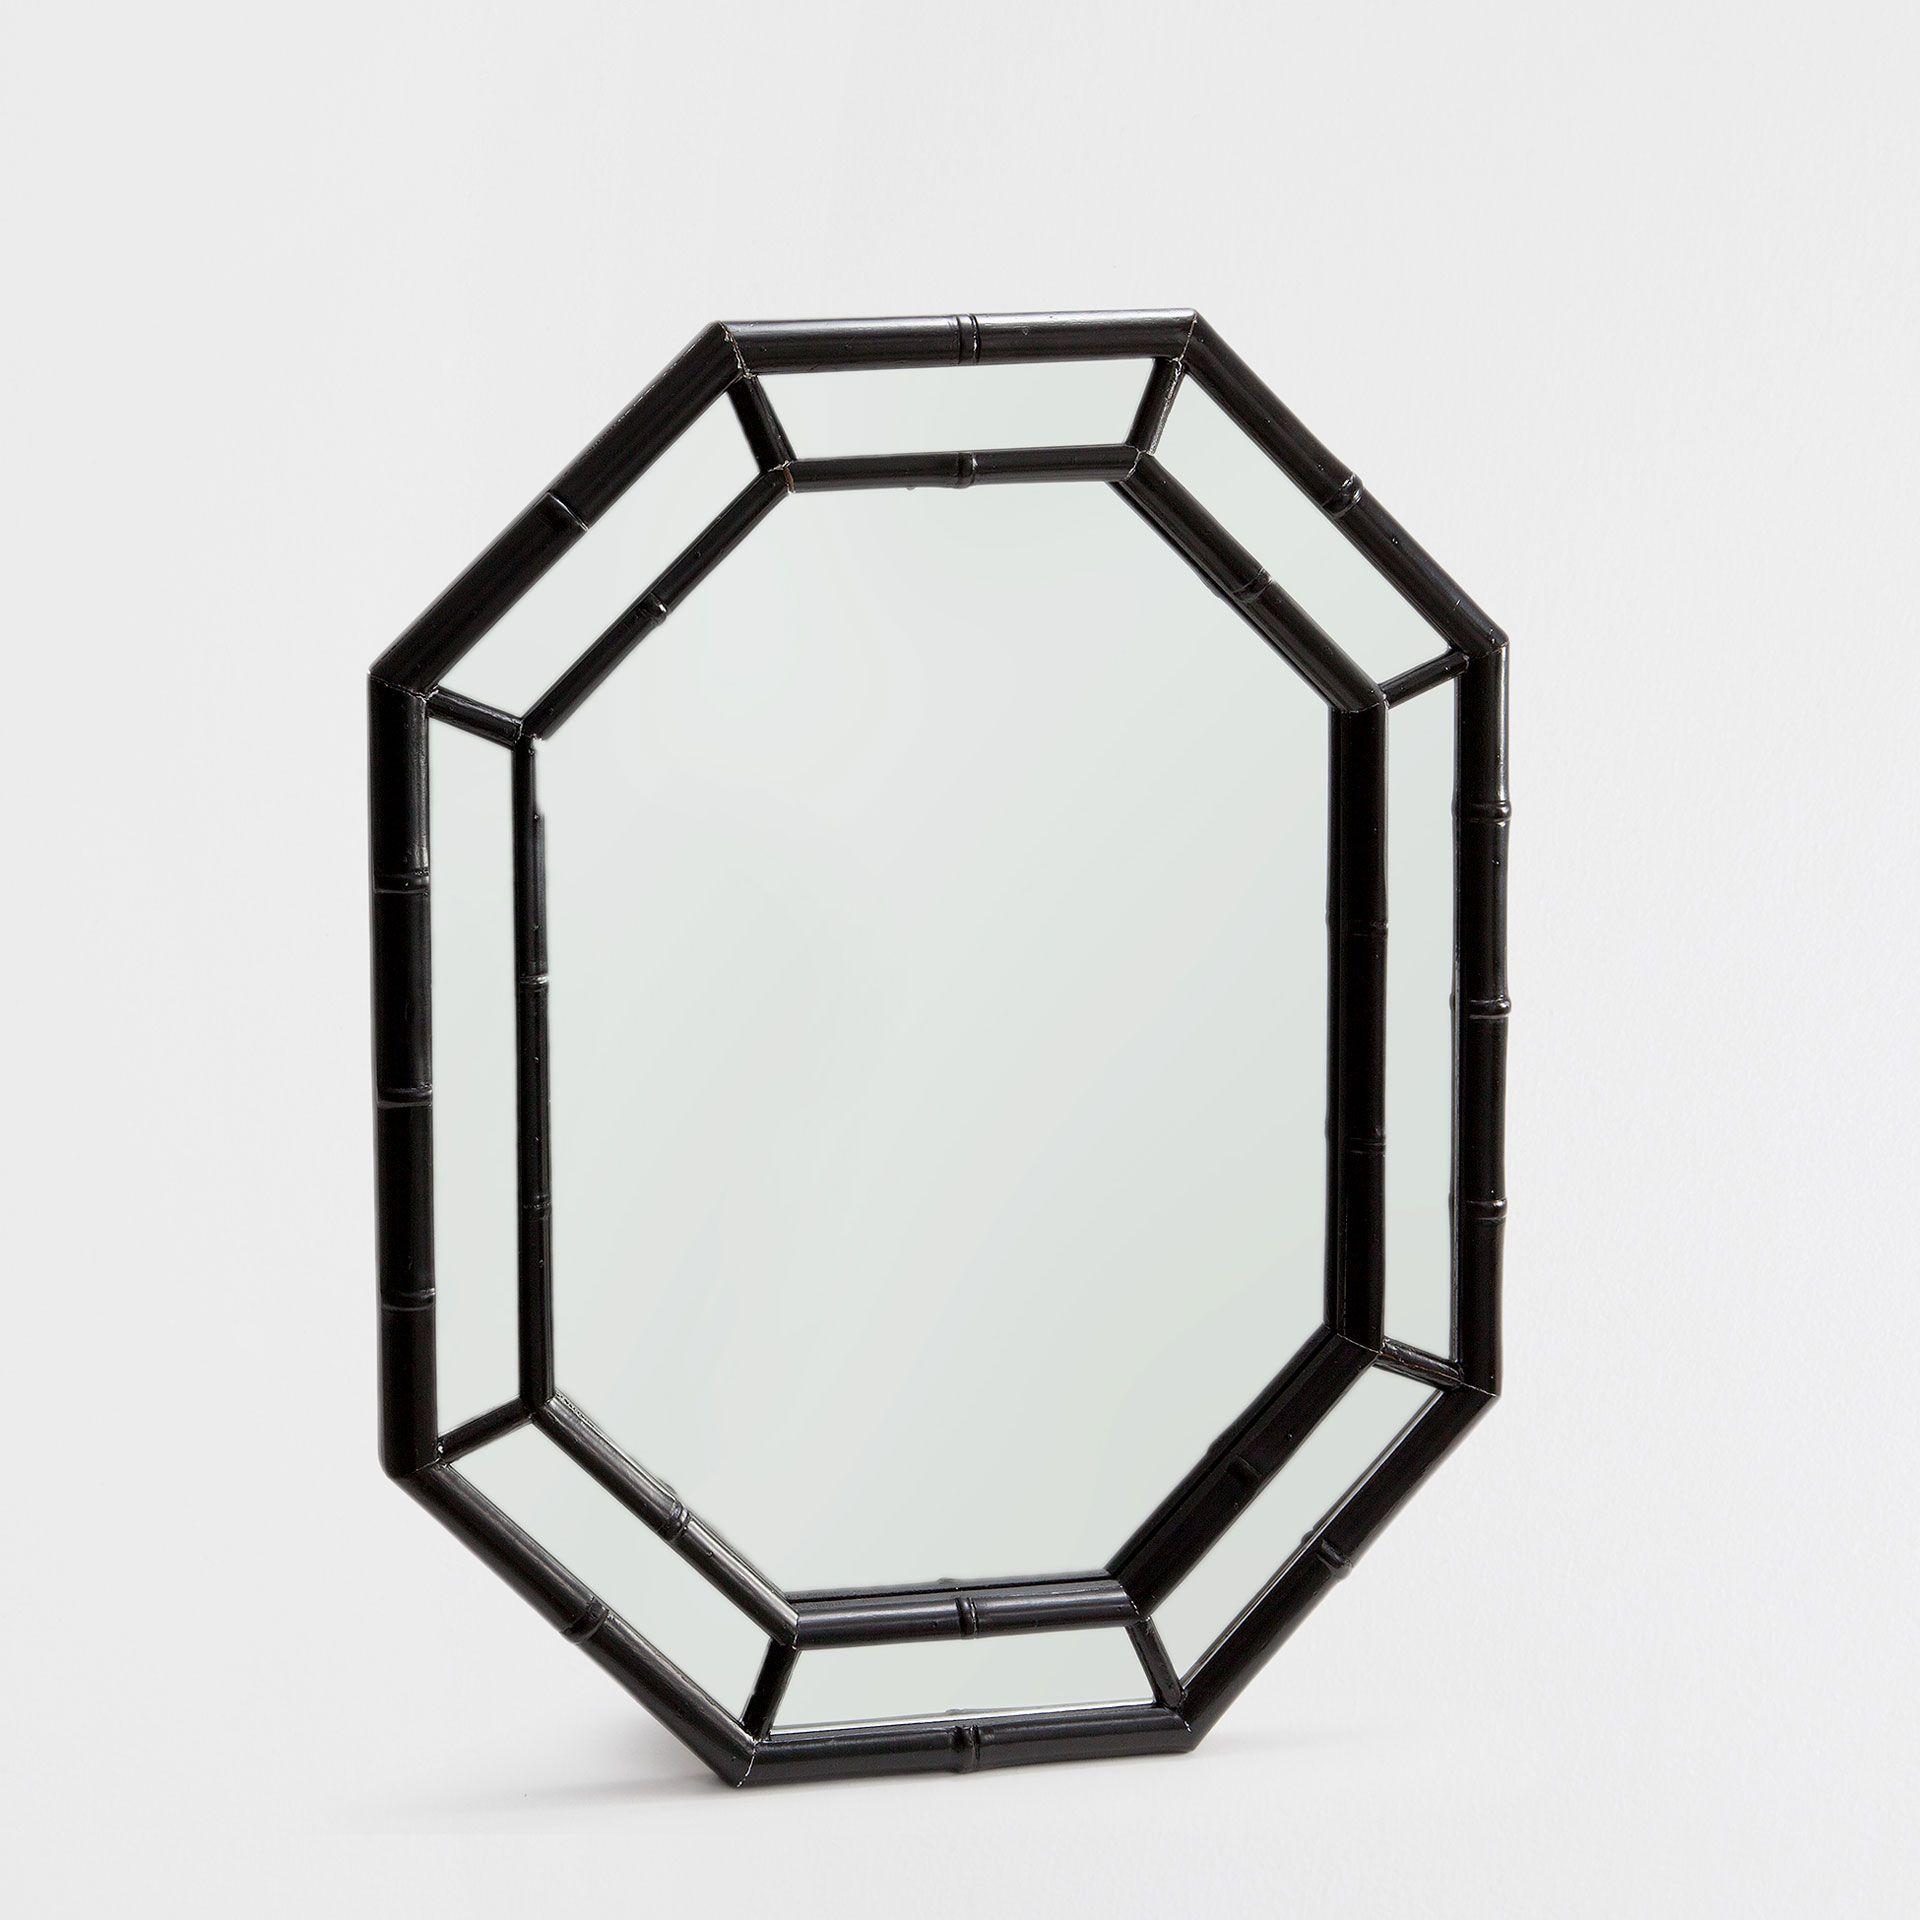 zwarte bamboe spiegel spiegels decoratie zara home holland wishlist pinterest bamboe. Black Bedroom Furniture Sets. Home Design Ideas